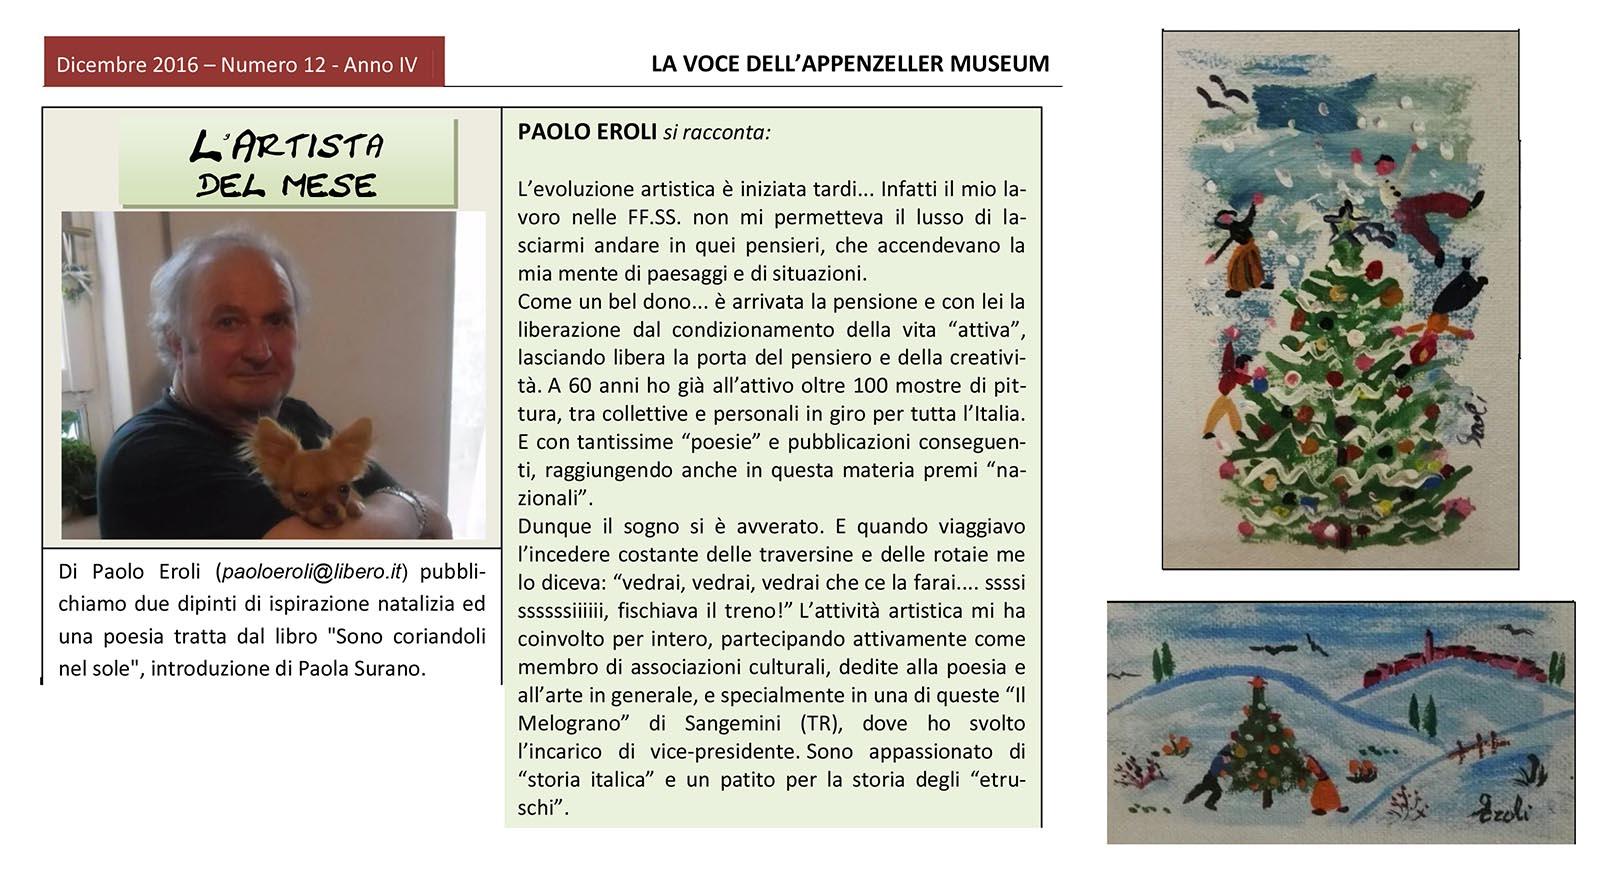 Dicembre 2016, n.12, La Voce dell'Appenzeller Museum – Paolo Eroli, Artista del mese